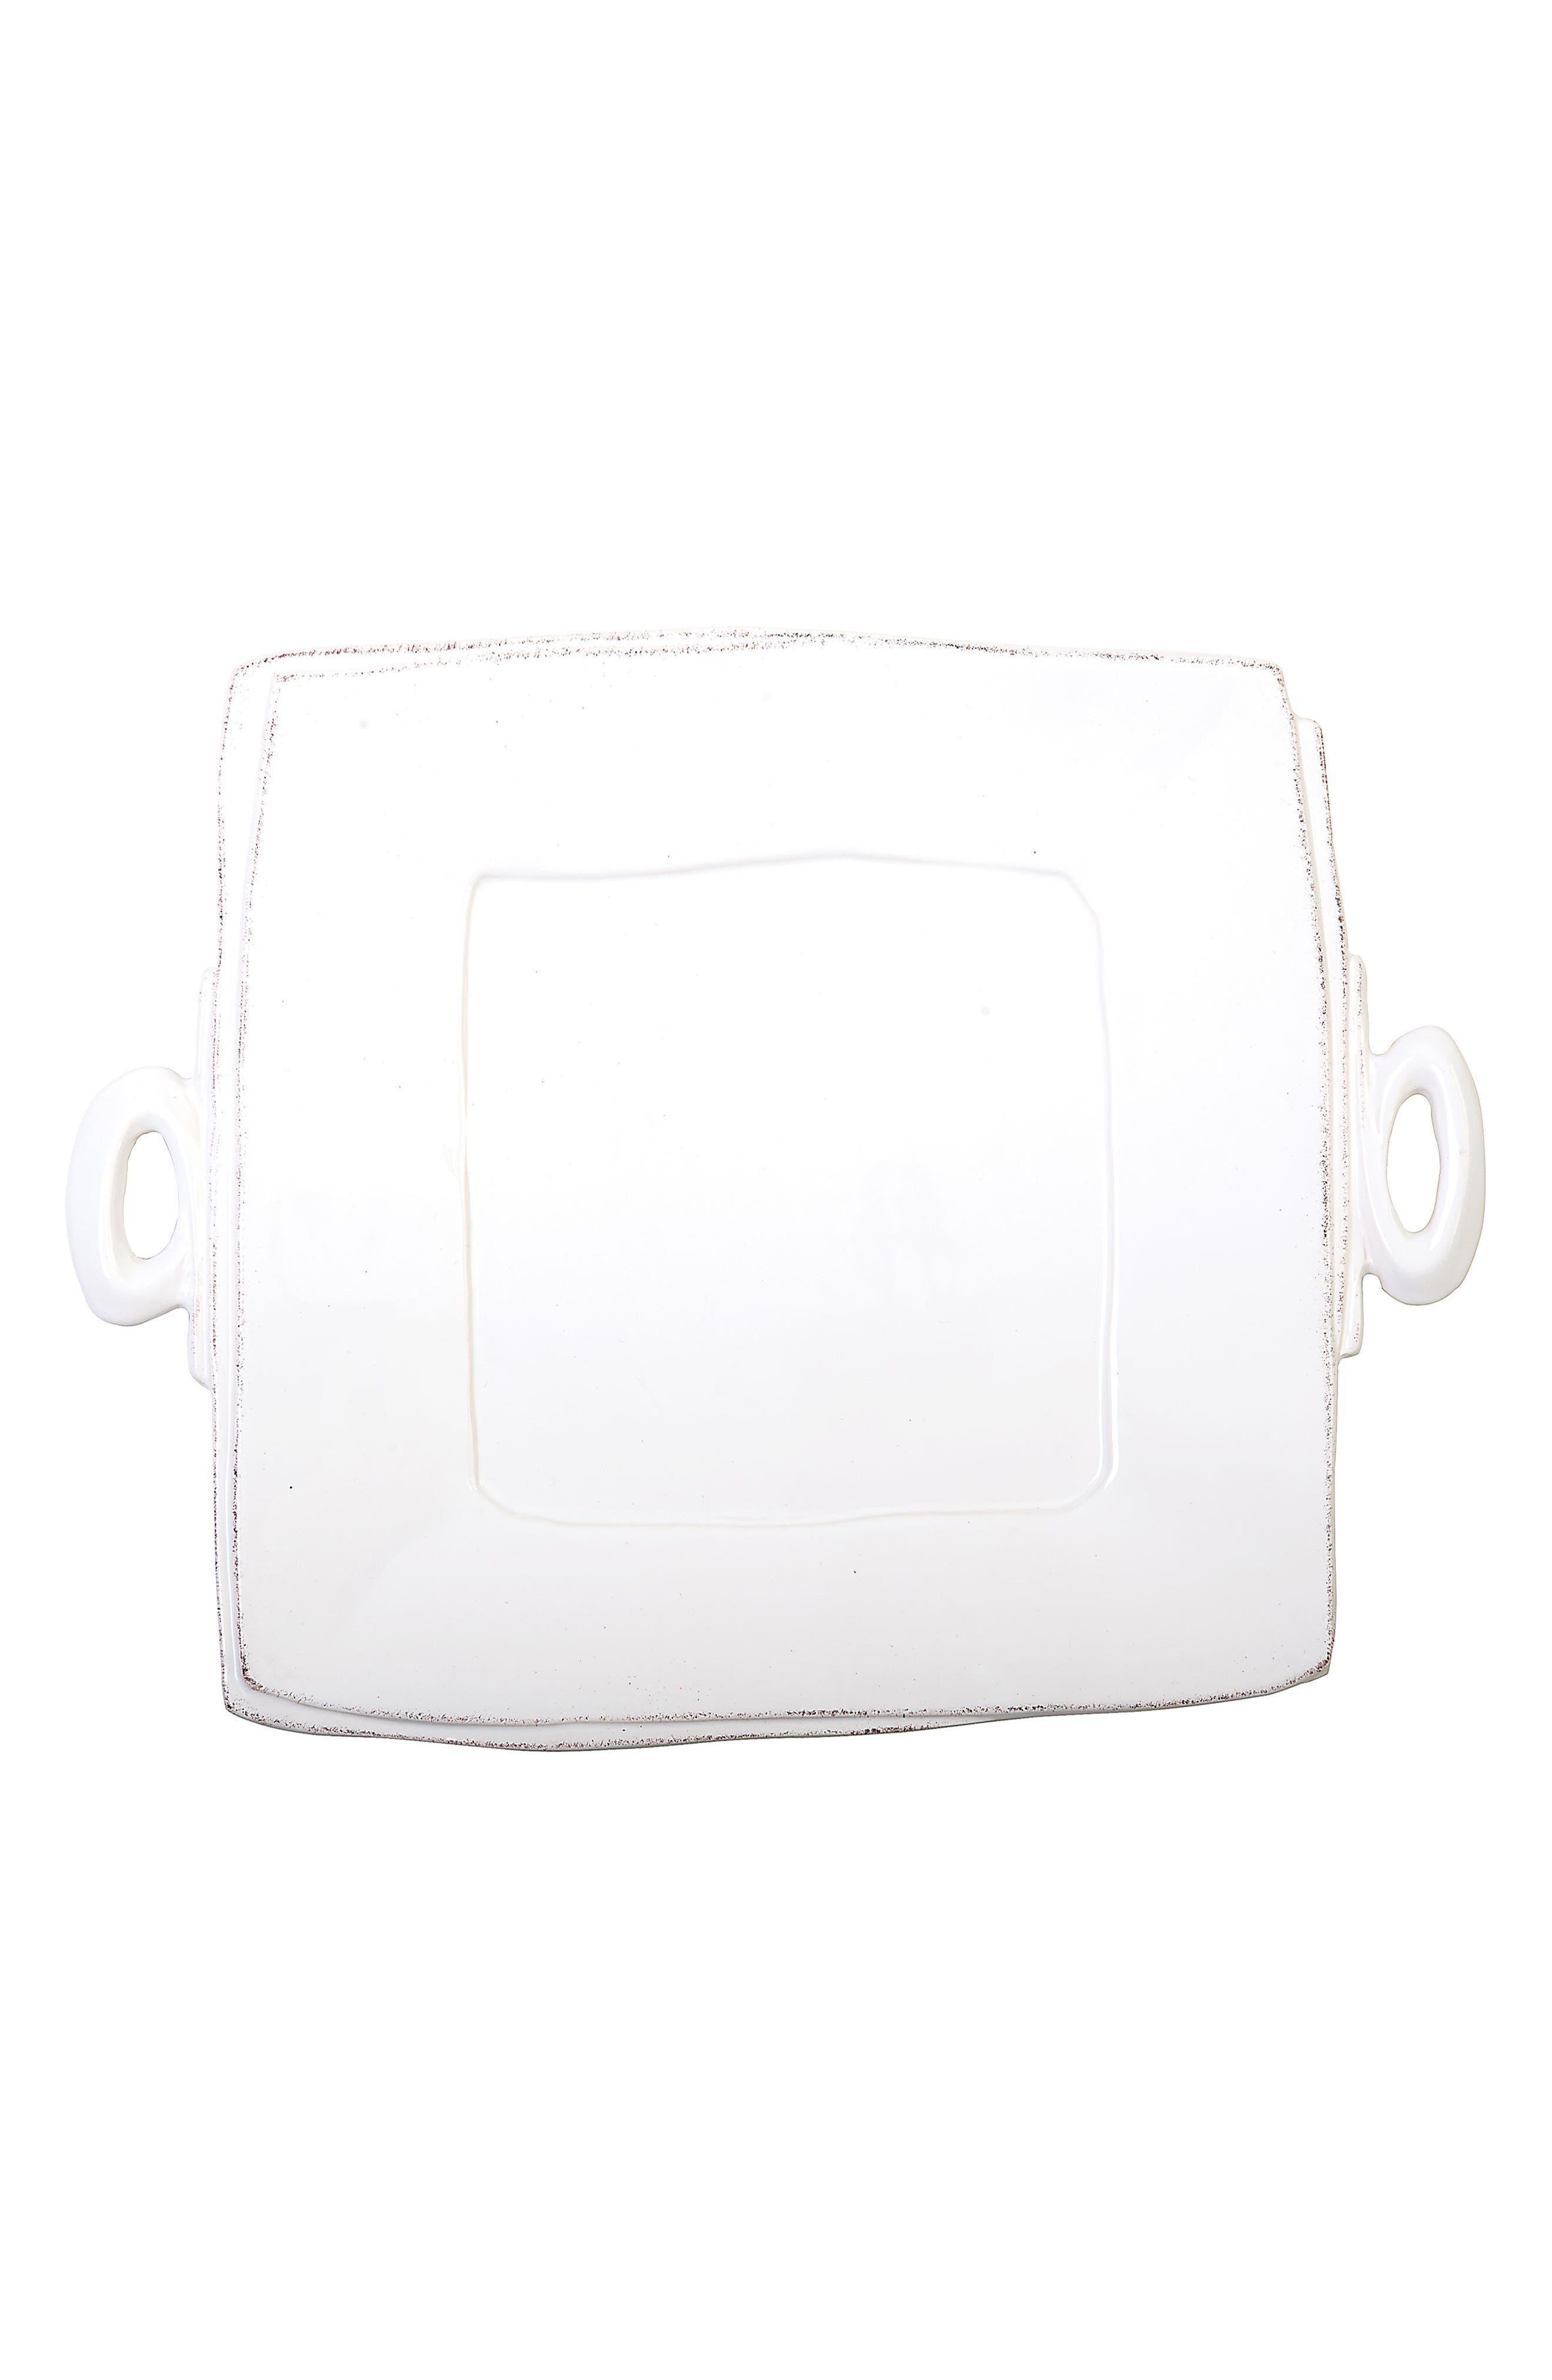 Lastra Square Platter,                         Main,                         color, WHITE